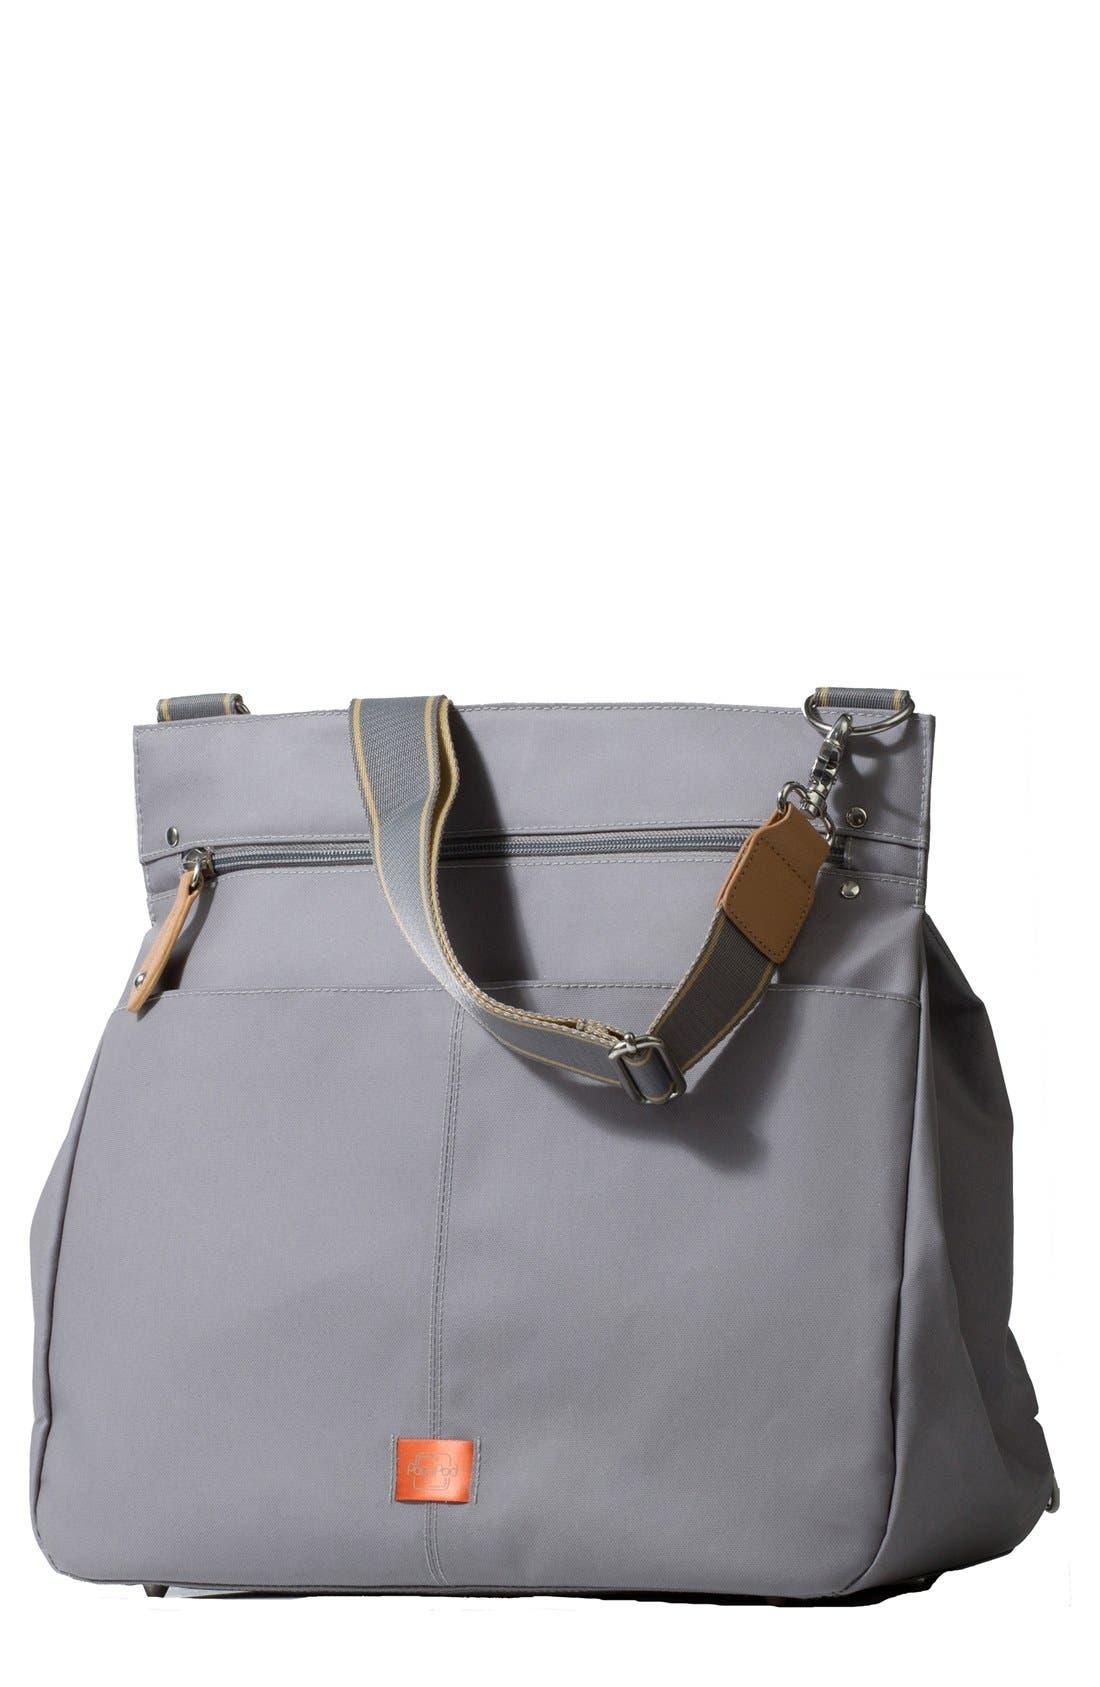 PacaPod 'Oban' Diaper Bag